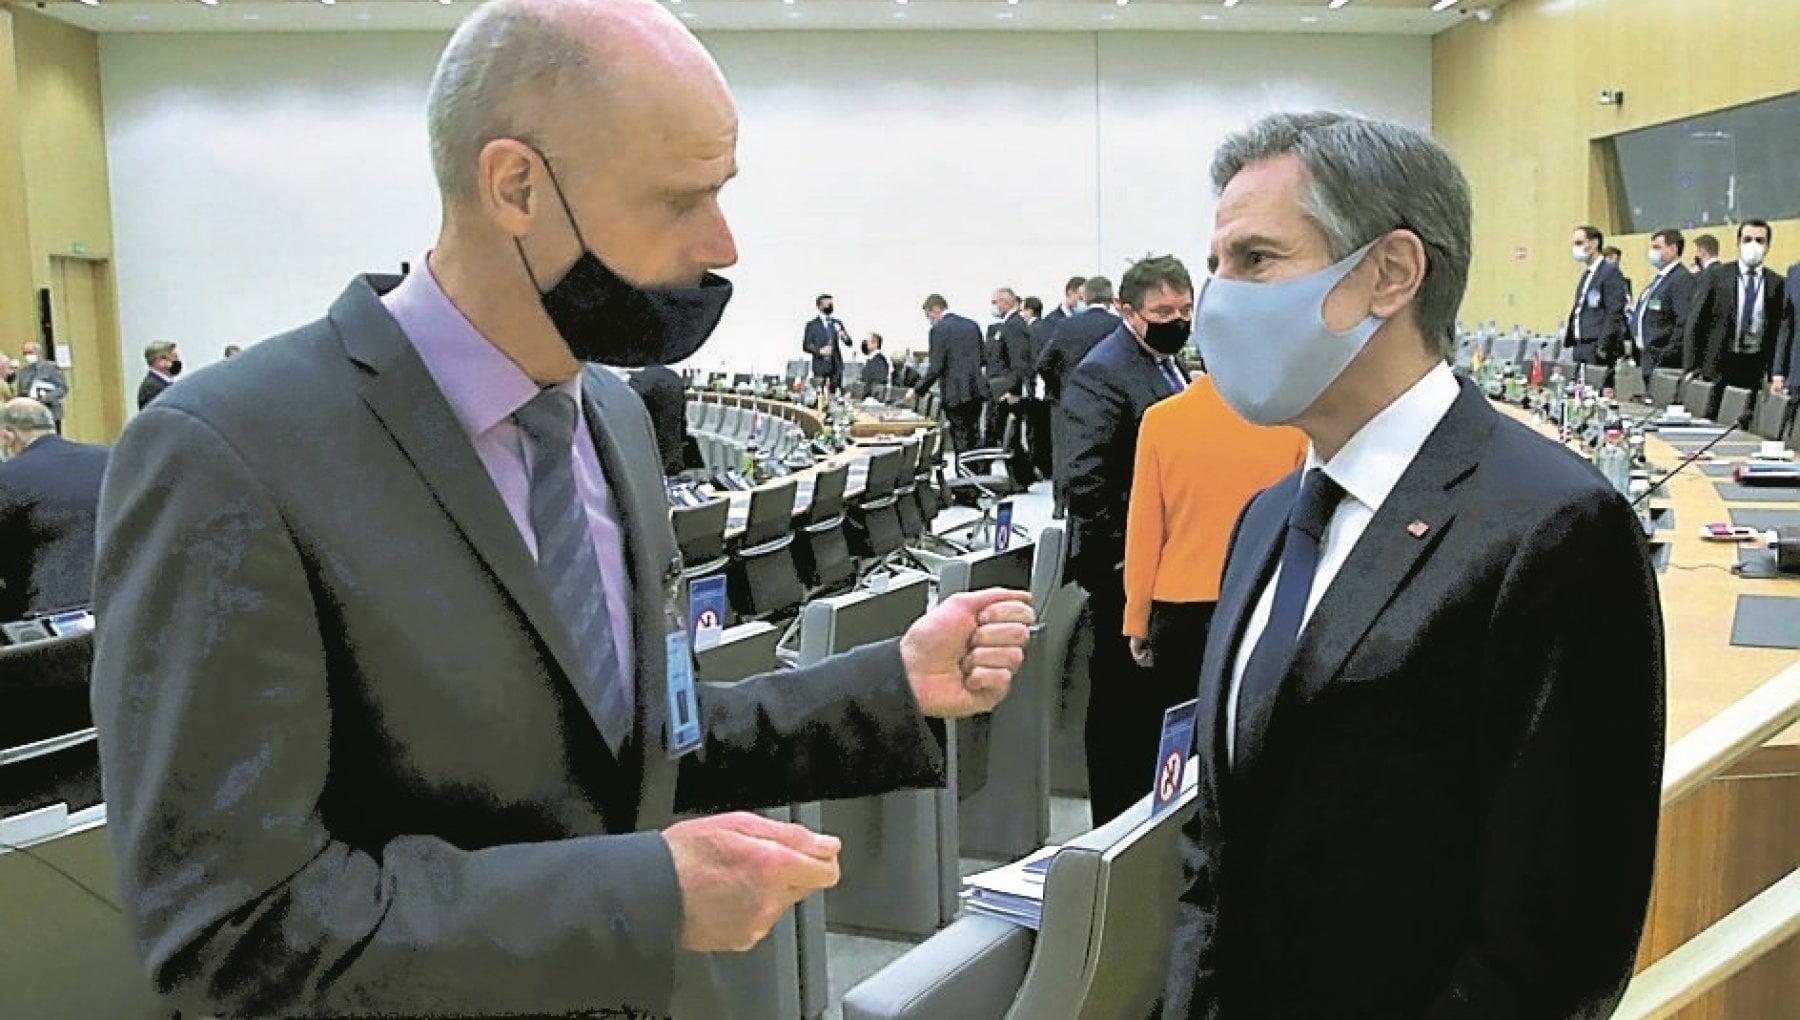 """233908655 3b6a406f e7f5 430e 86a1 84a792f3b4e0 - Il Vertice Nato, Blinken agli alleati: """"Il Nord Stream 2 è una pessima idea"""""""